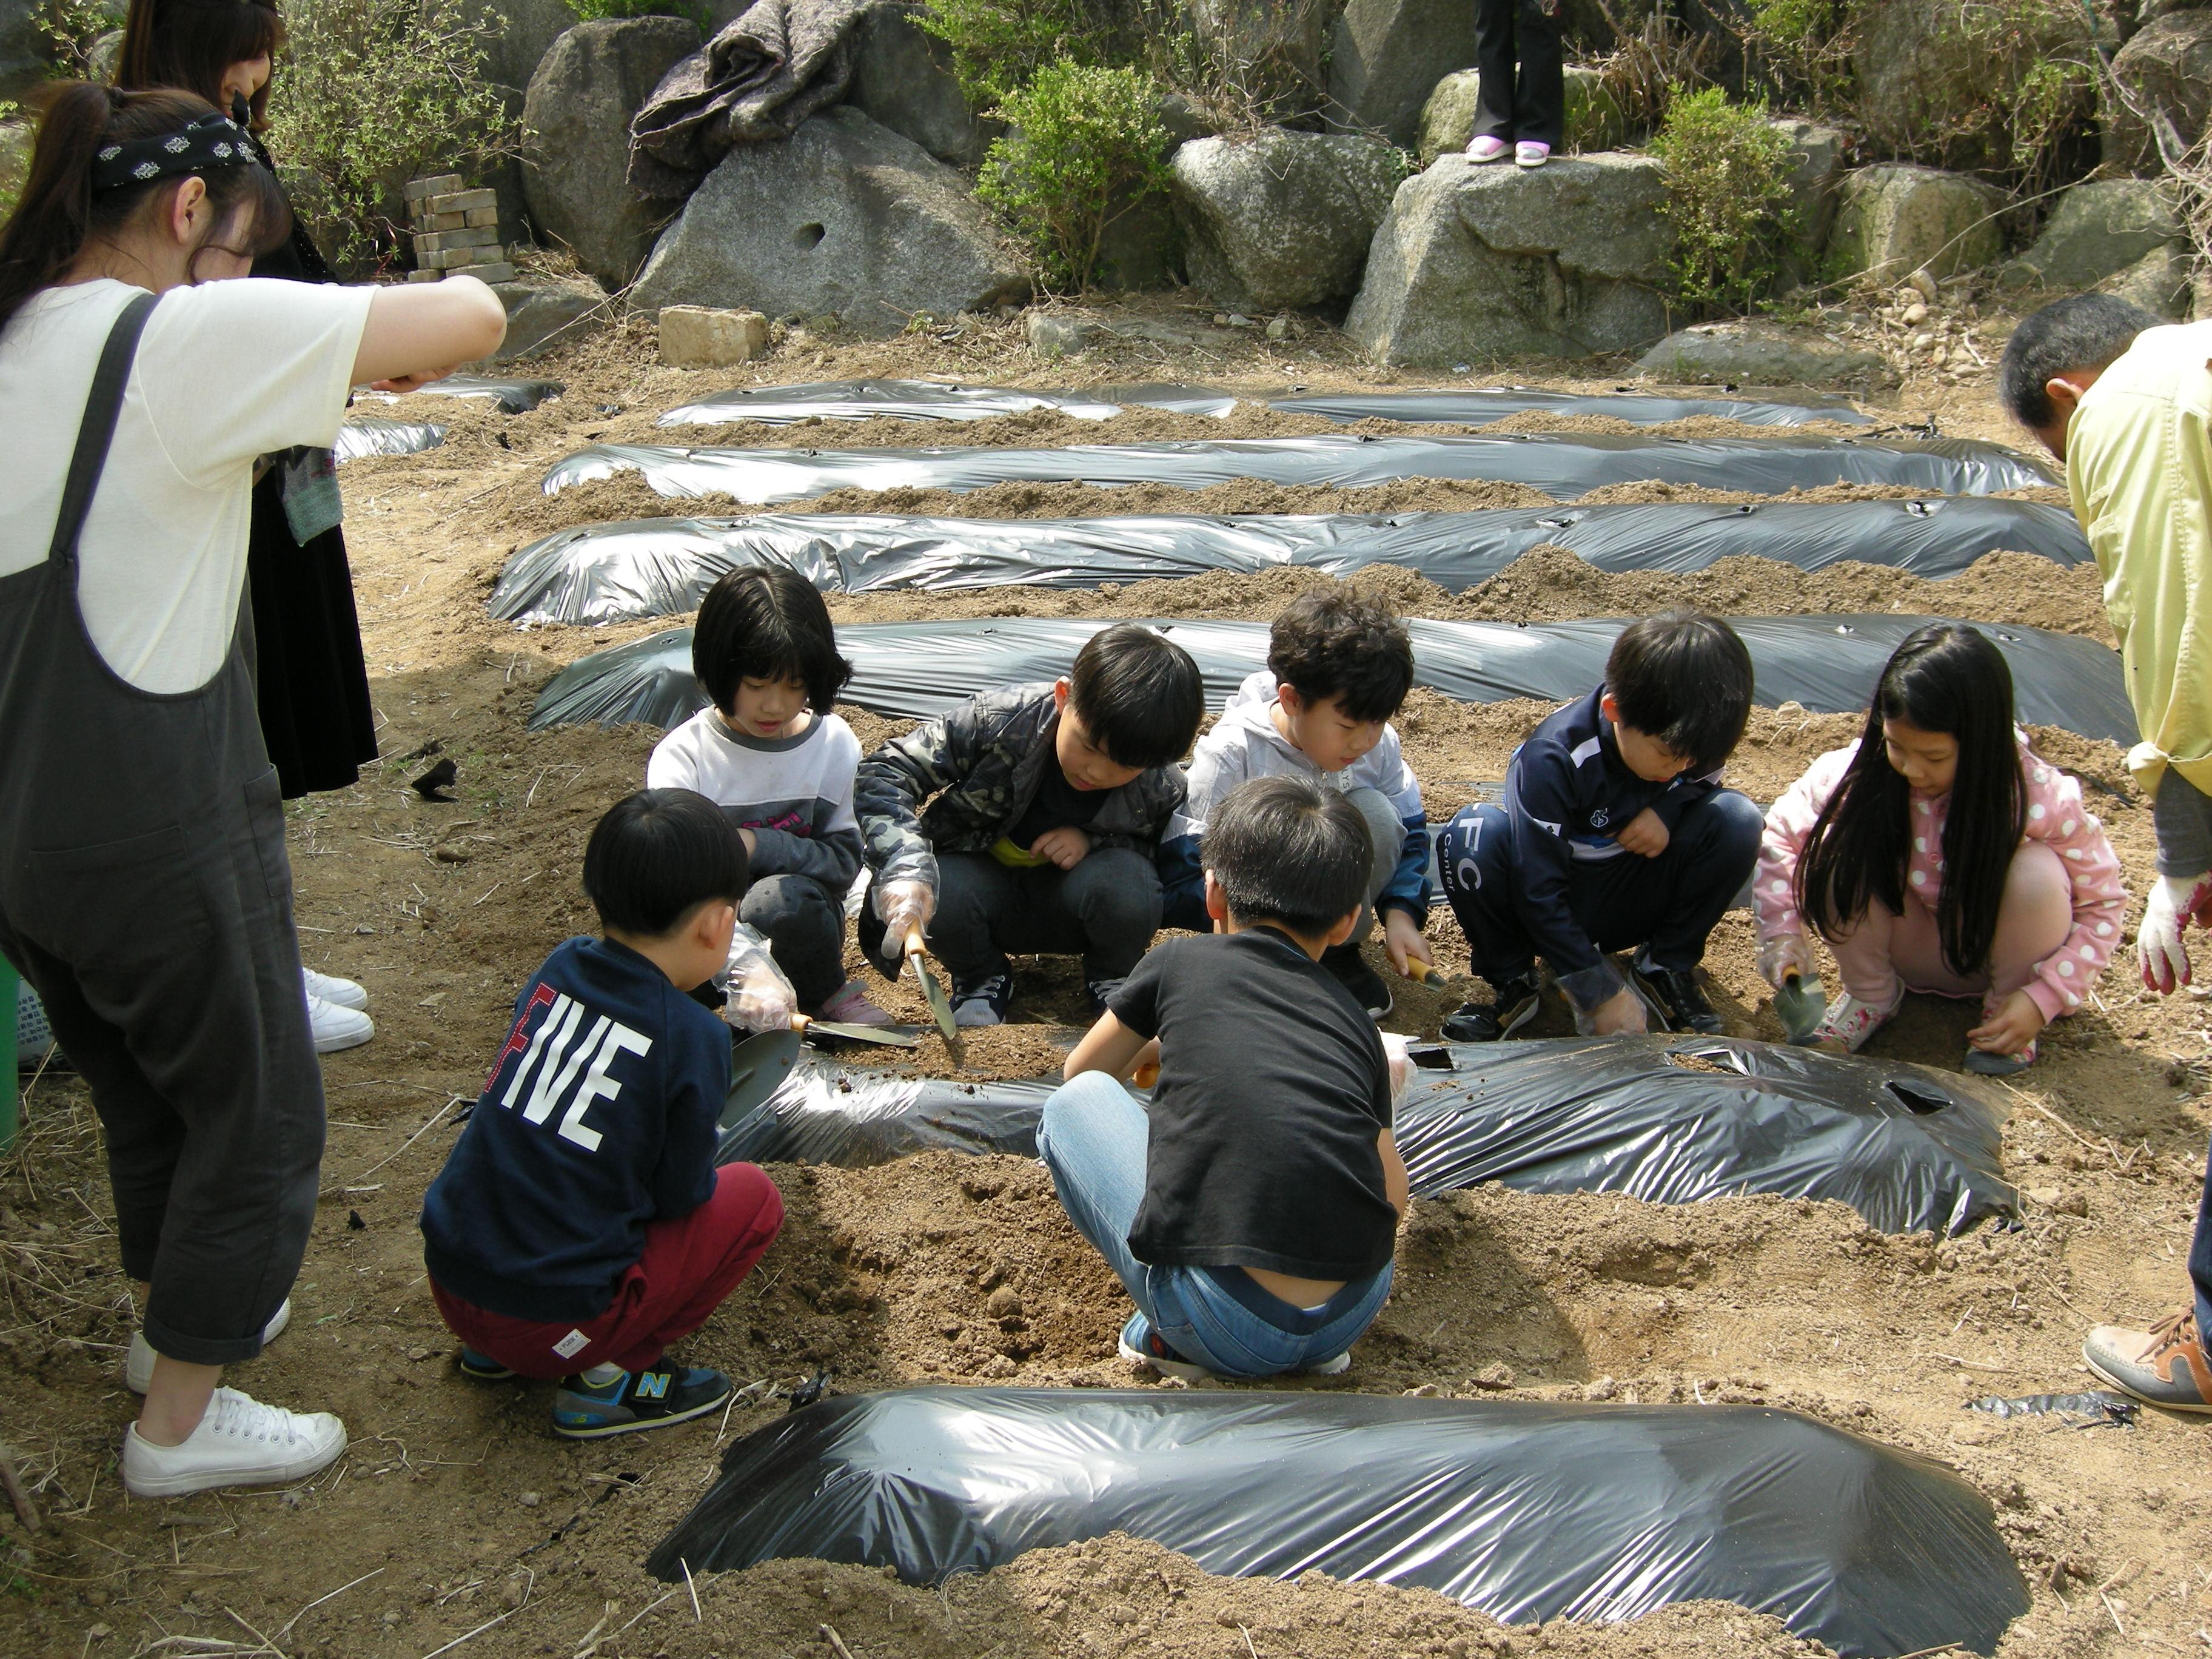 [일반] 생태체험으로 학년별 감자 심던 날(2018.4.20. 어울림교육)의 첨부이미지 2